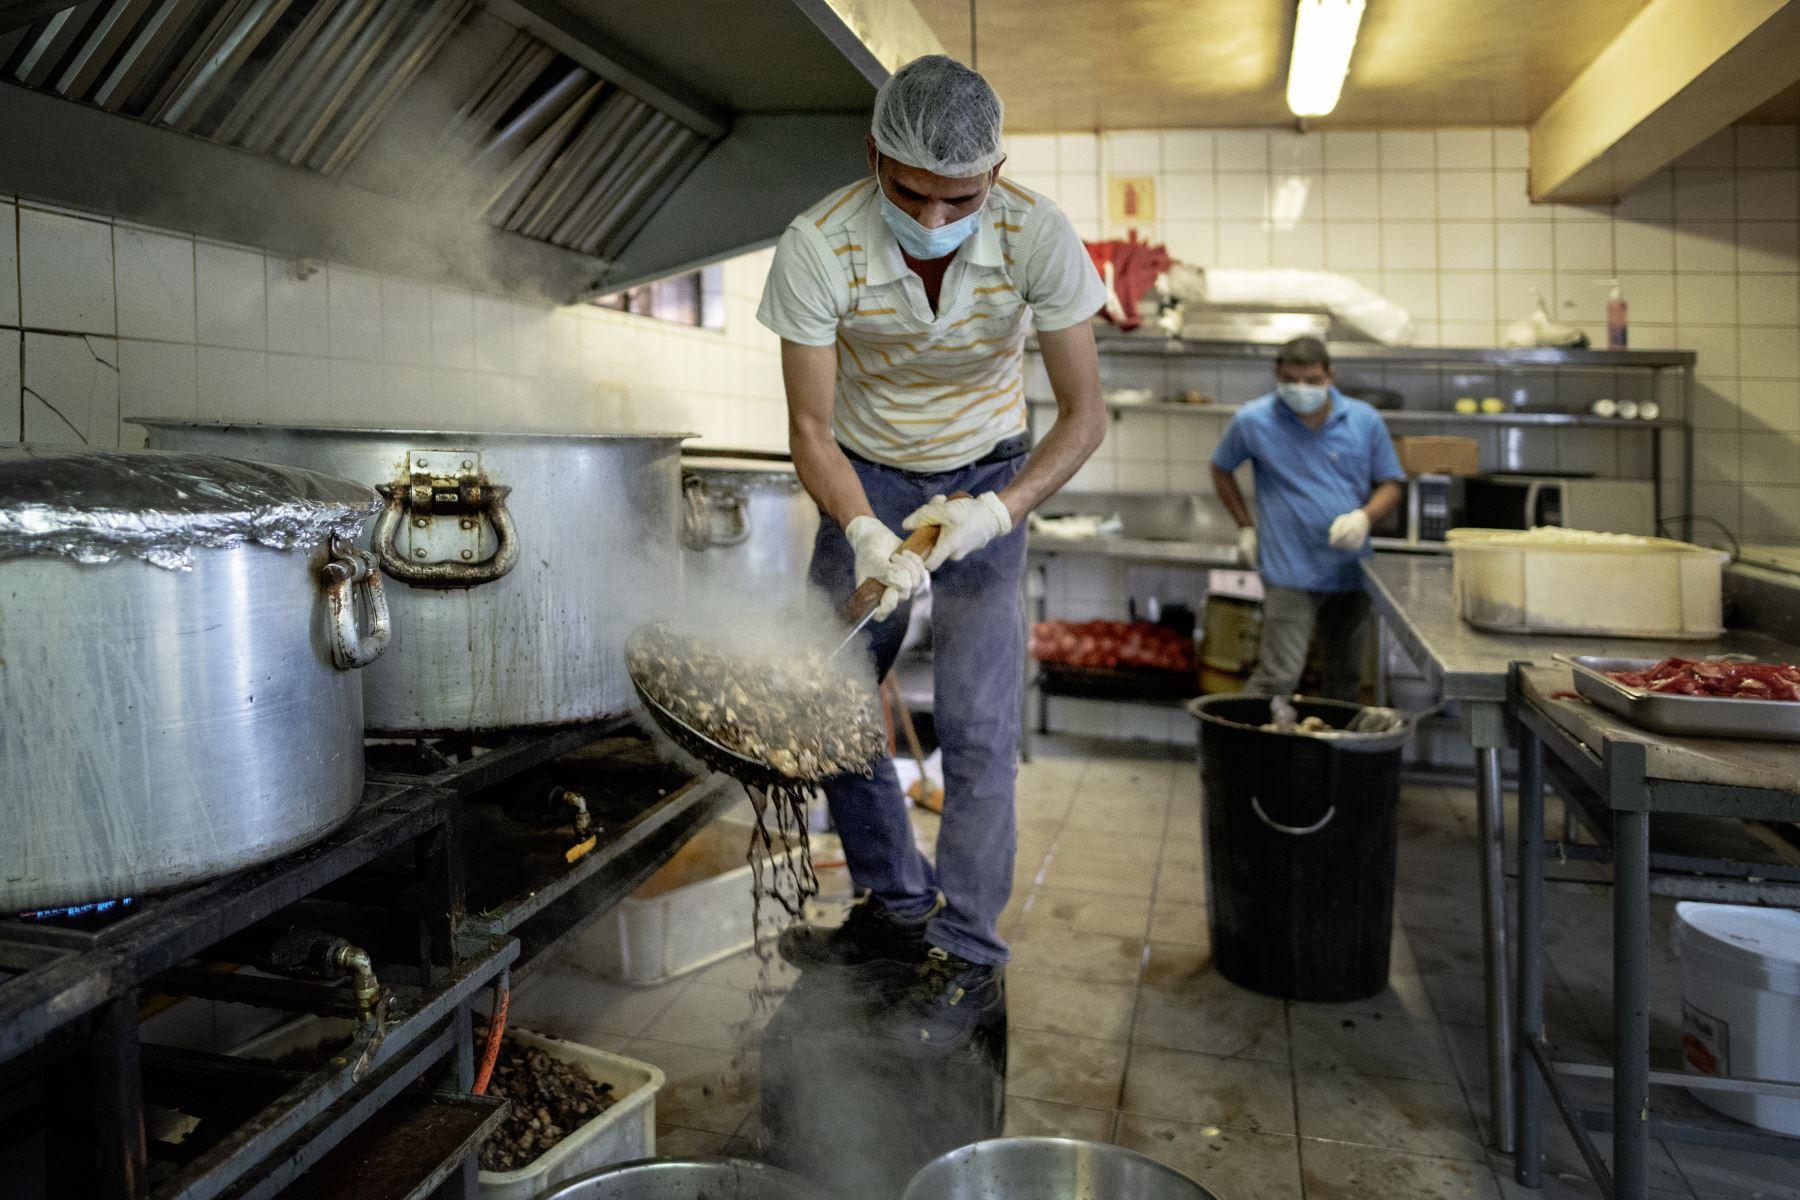 Un trabajador de la cocina prepara comidas calientes en el restaurante indio Thava, en The Gardens, para la distribución diaria de alimentos en un asentamiento informal en Tembisa, Johannesburgo. Foto: AFP